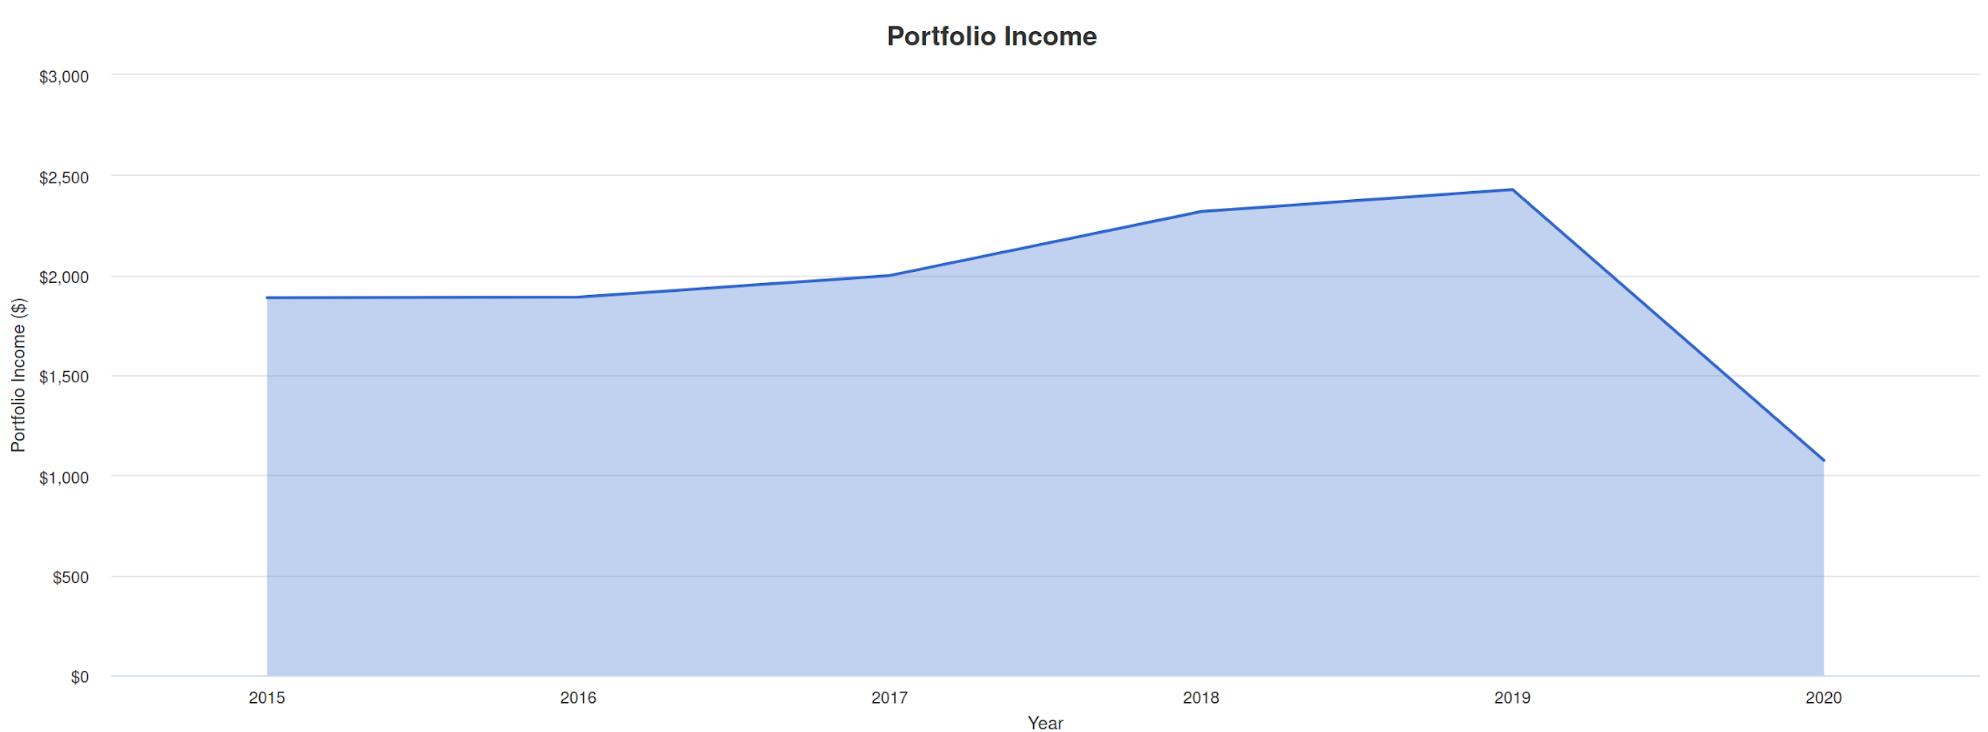 График выплаты дивидендов для всесезонного портфеля Рэя Далио на 100 000$